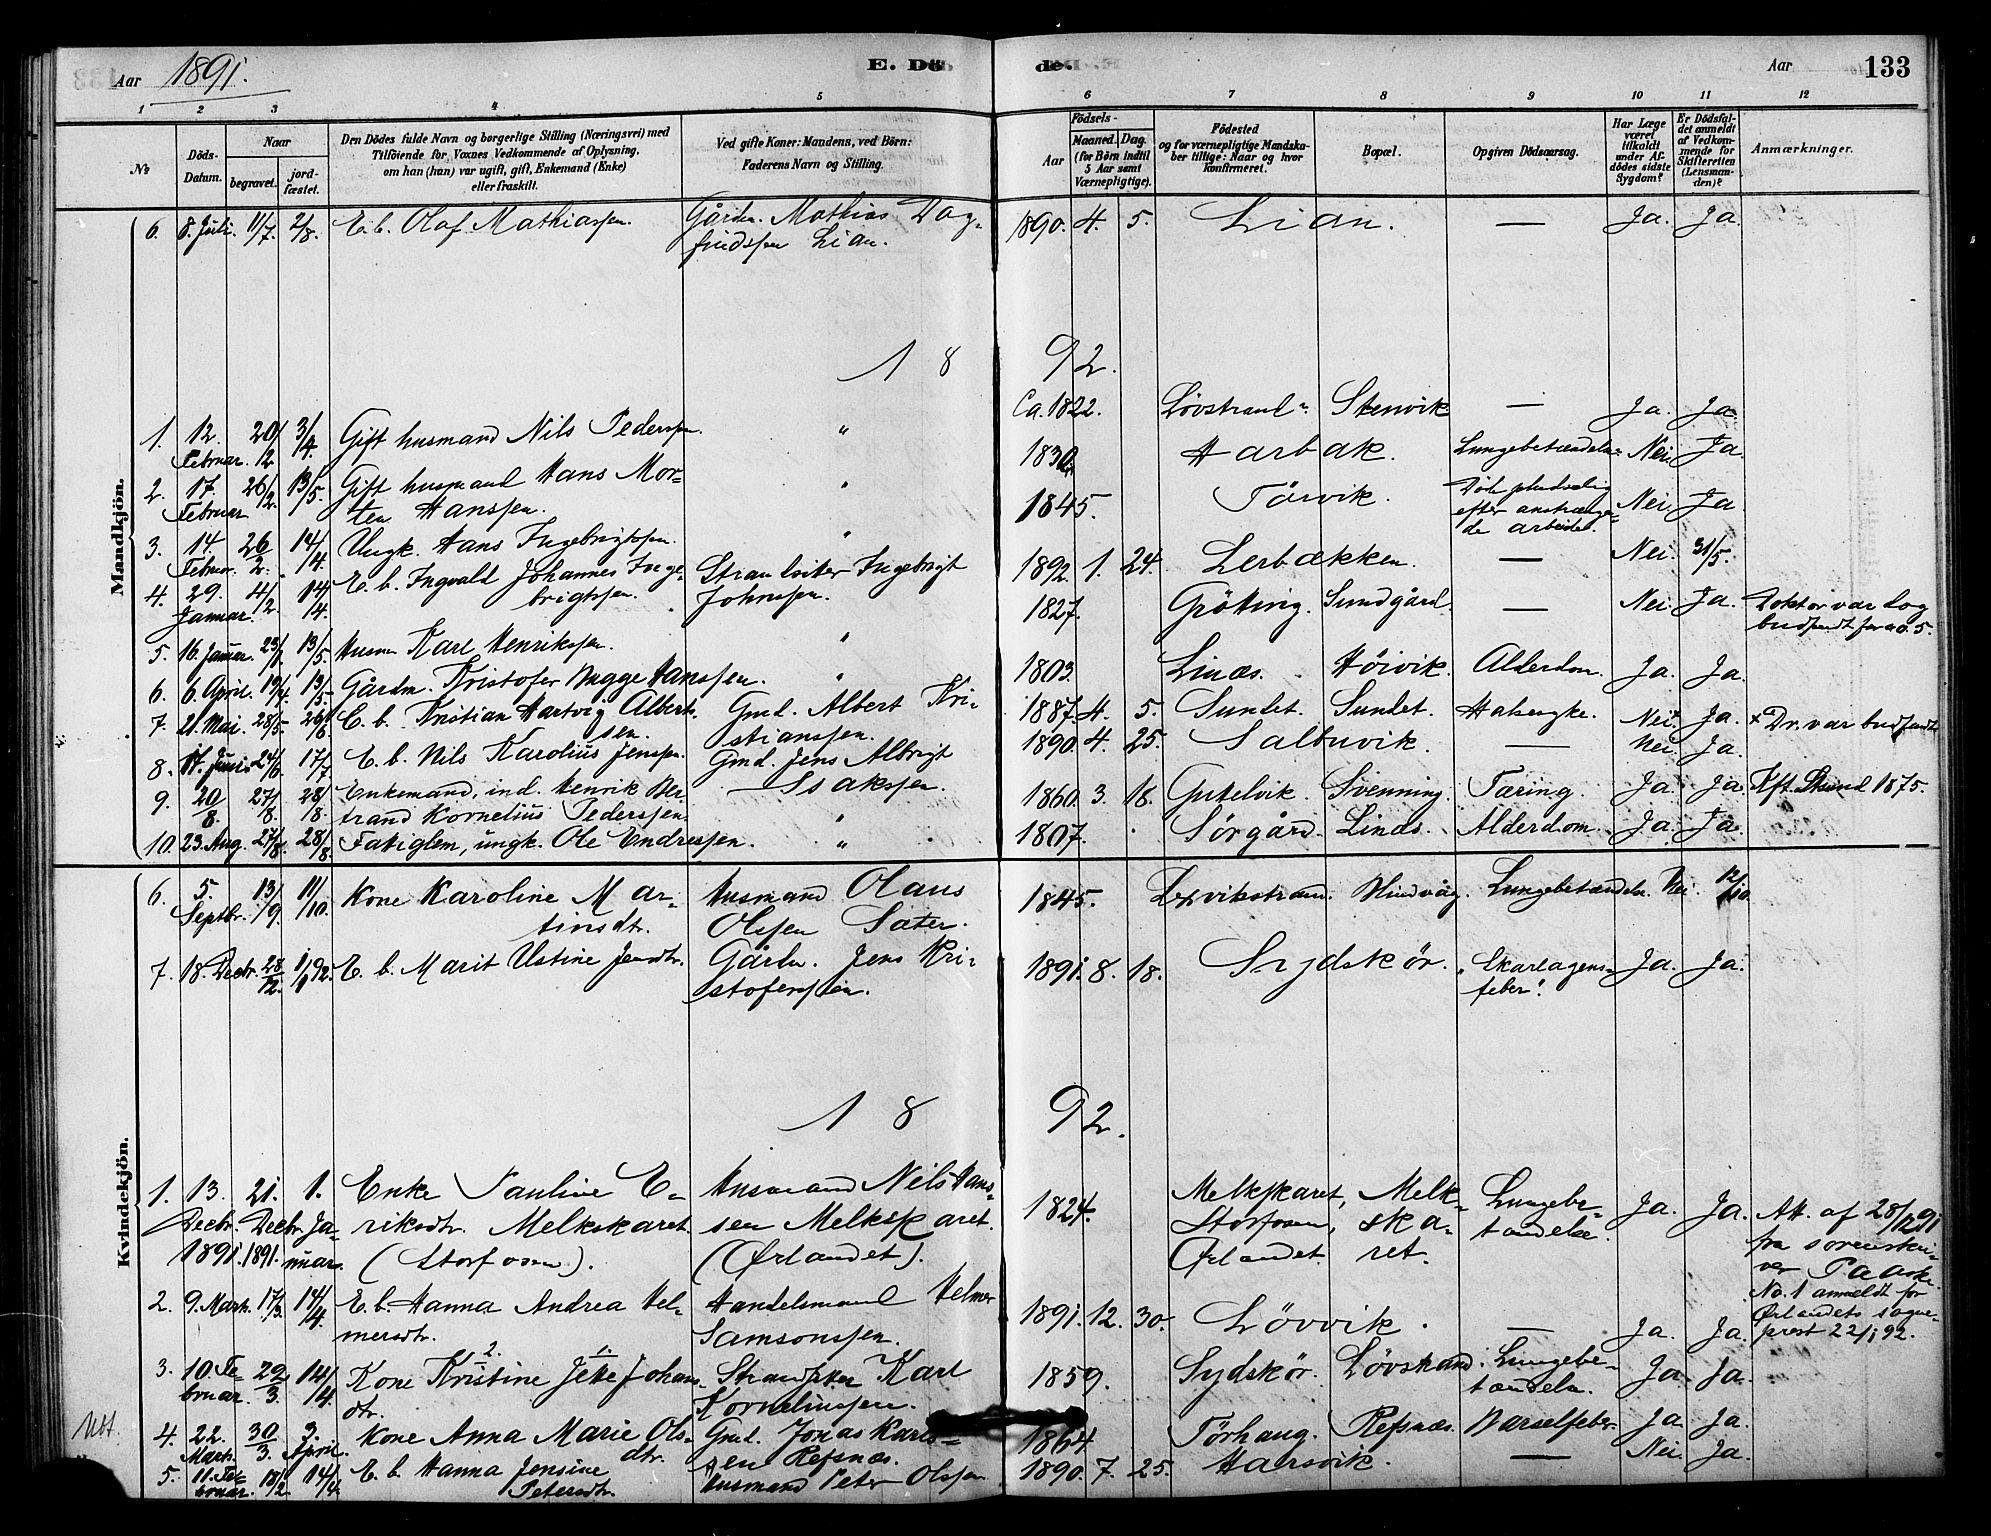 SAT, Ministerialprotokoller, klokkerbøker og fødselsregistre - Sør-Trøndelag, 656/L0692: Ministerialbok nr. 656A01, 1879-1893, s. 133